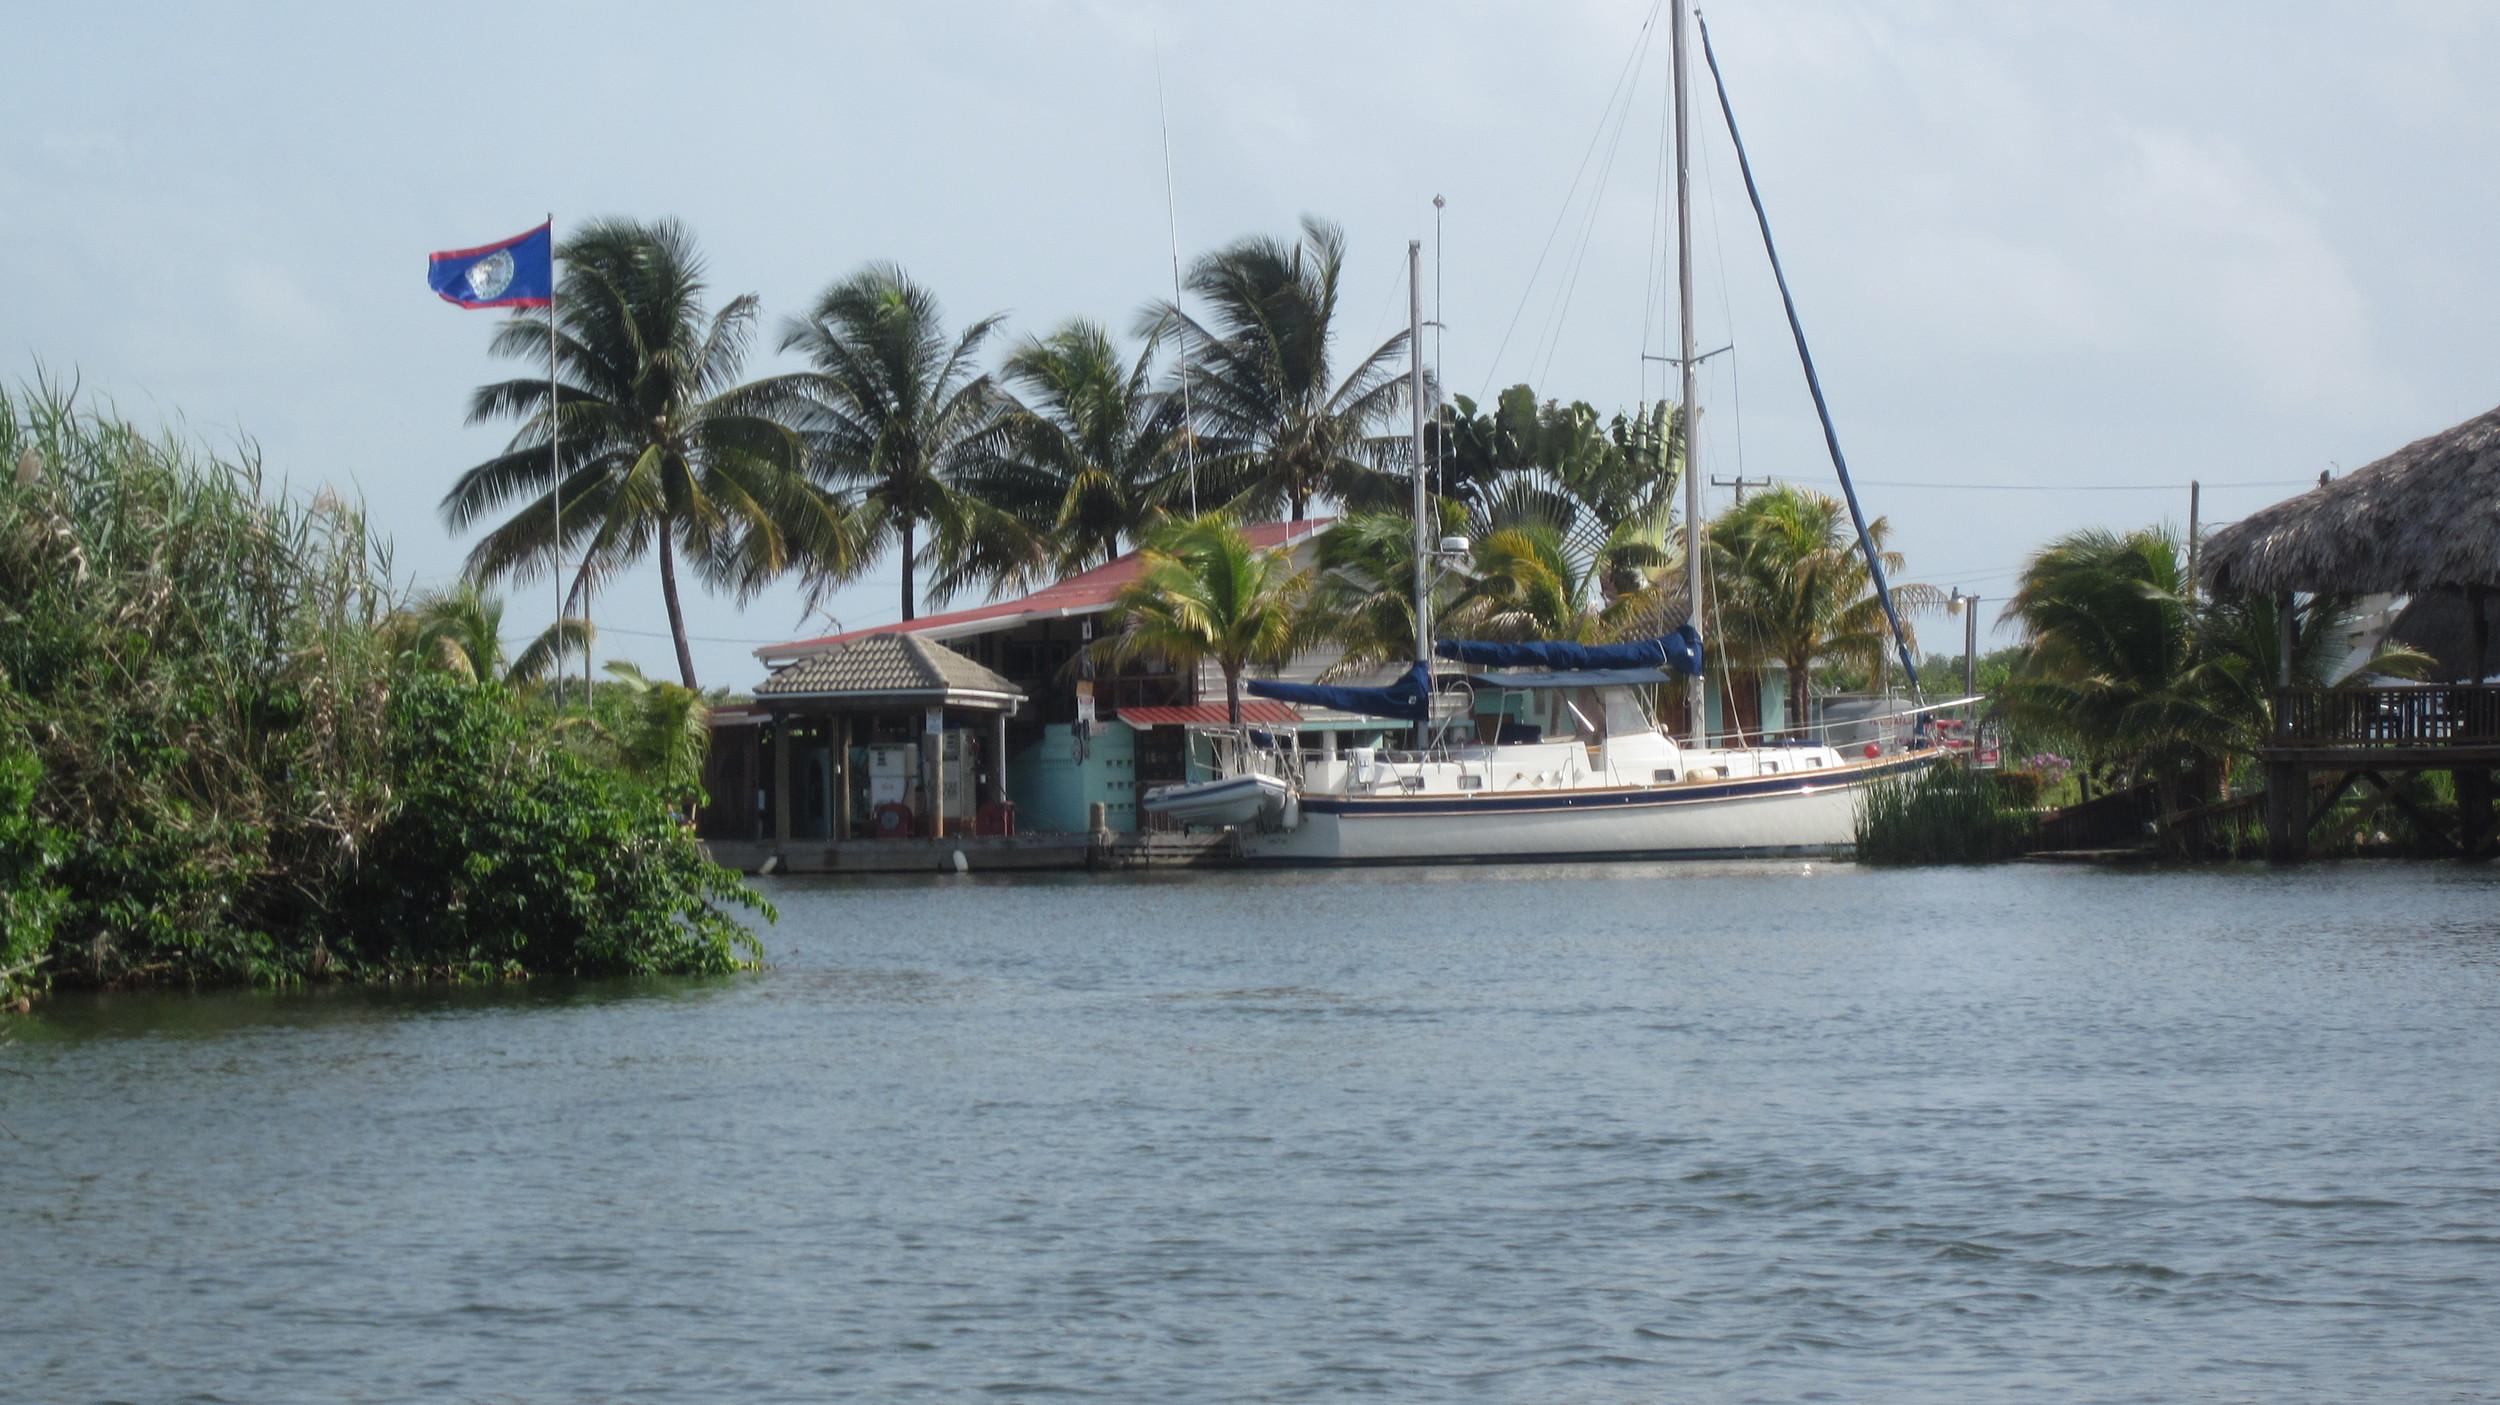 marina-with-boats.jpg